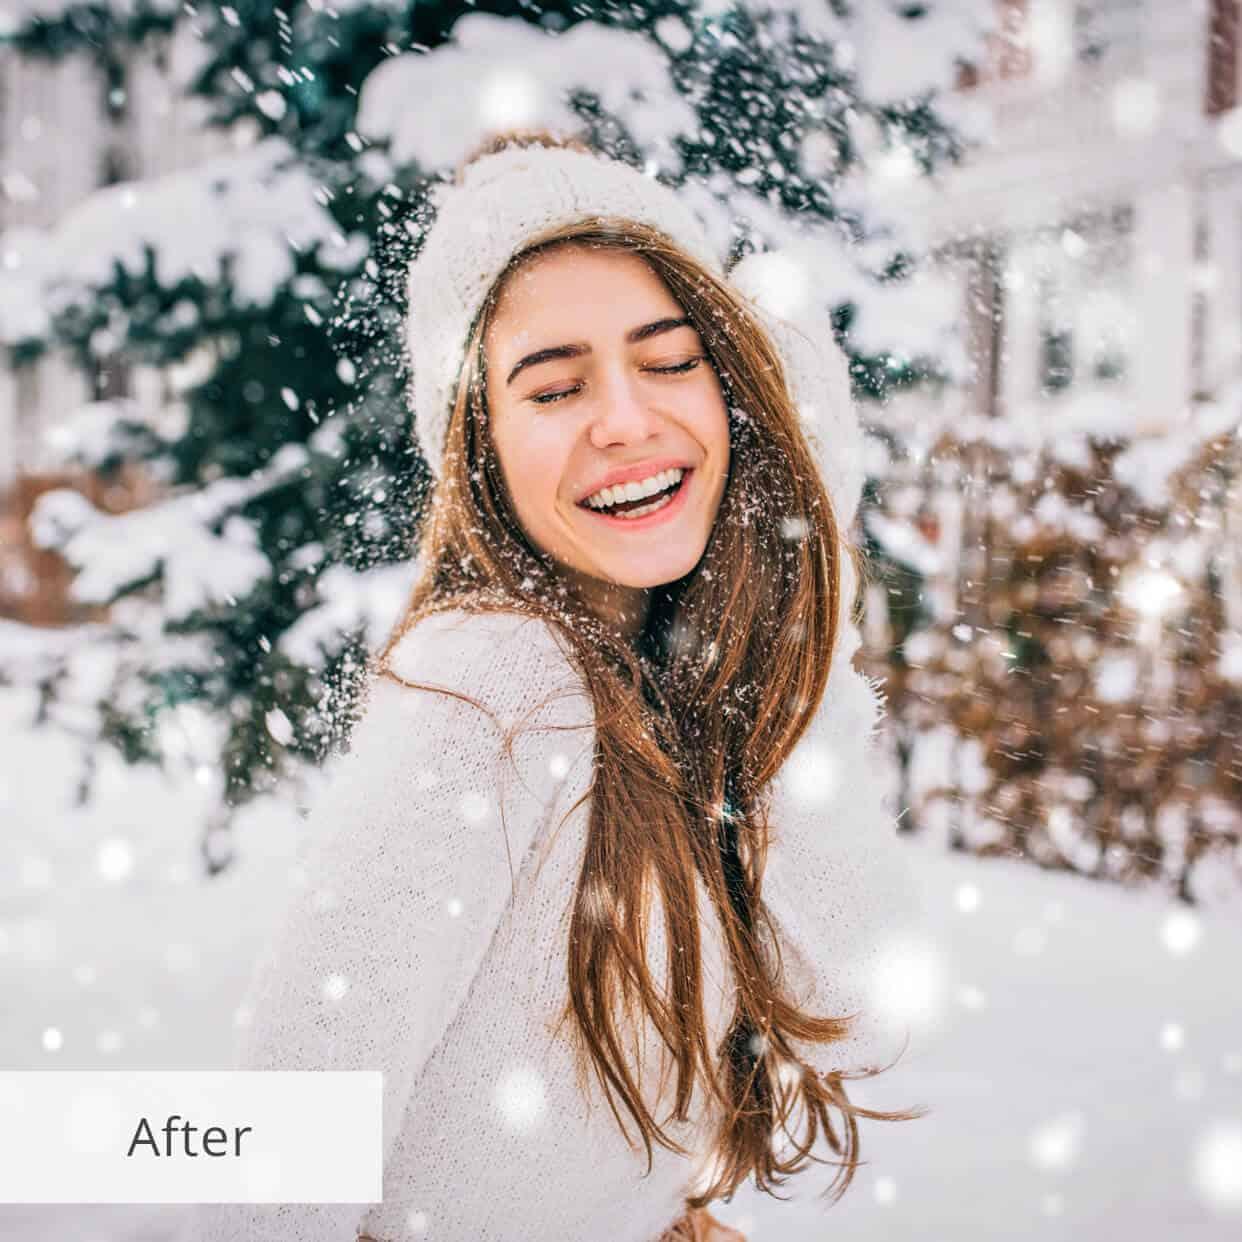 Пресет Snow Wind для lightroom